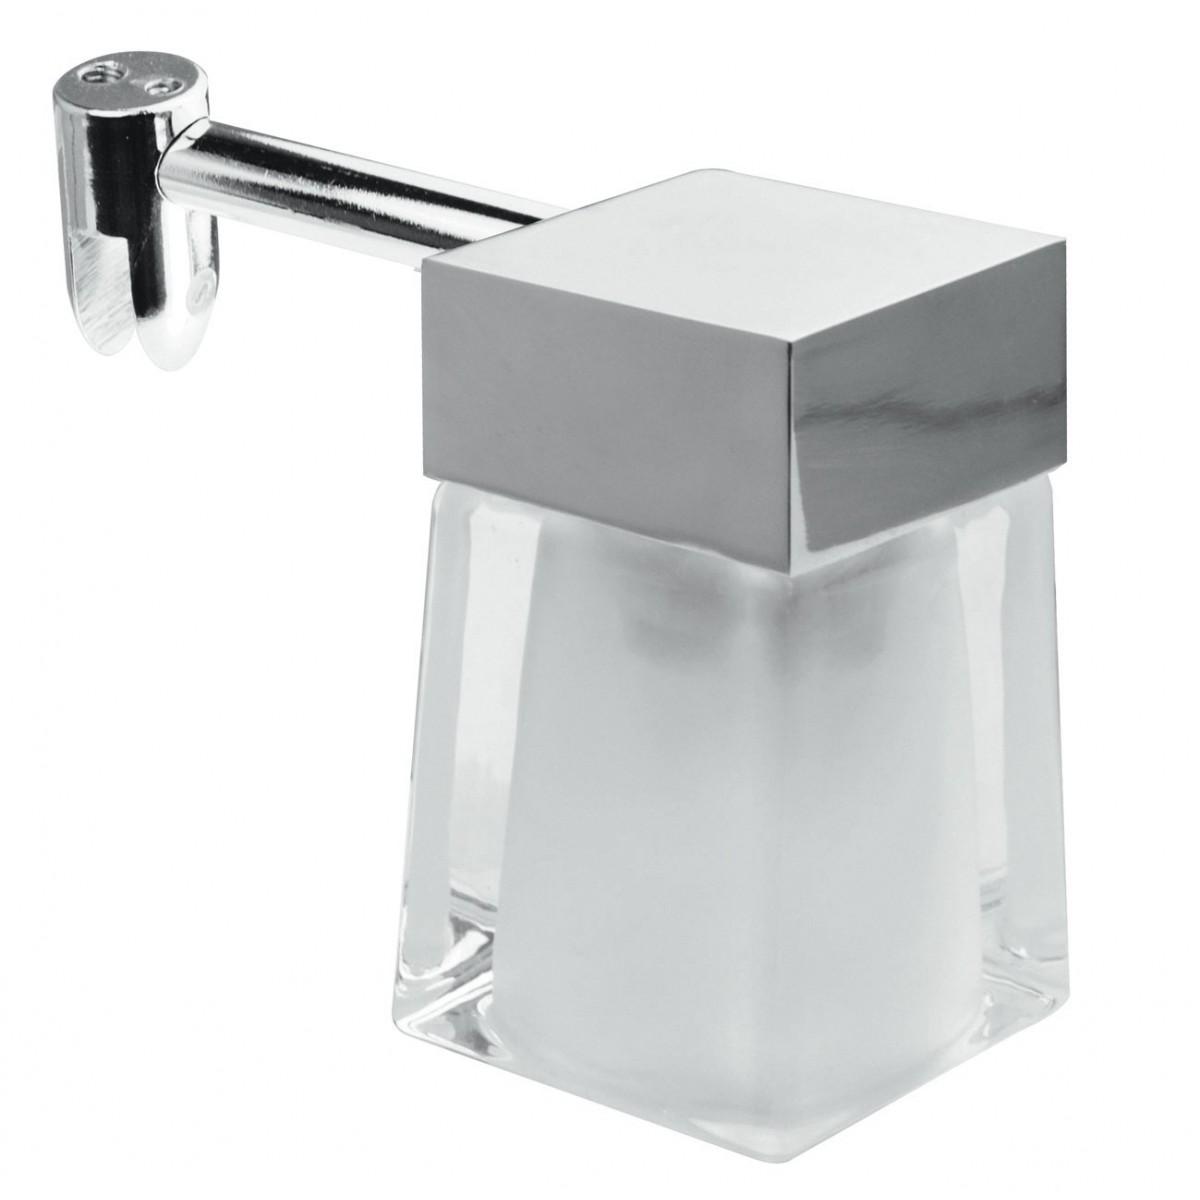 Lampe de salle de bain miroir universel